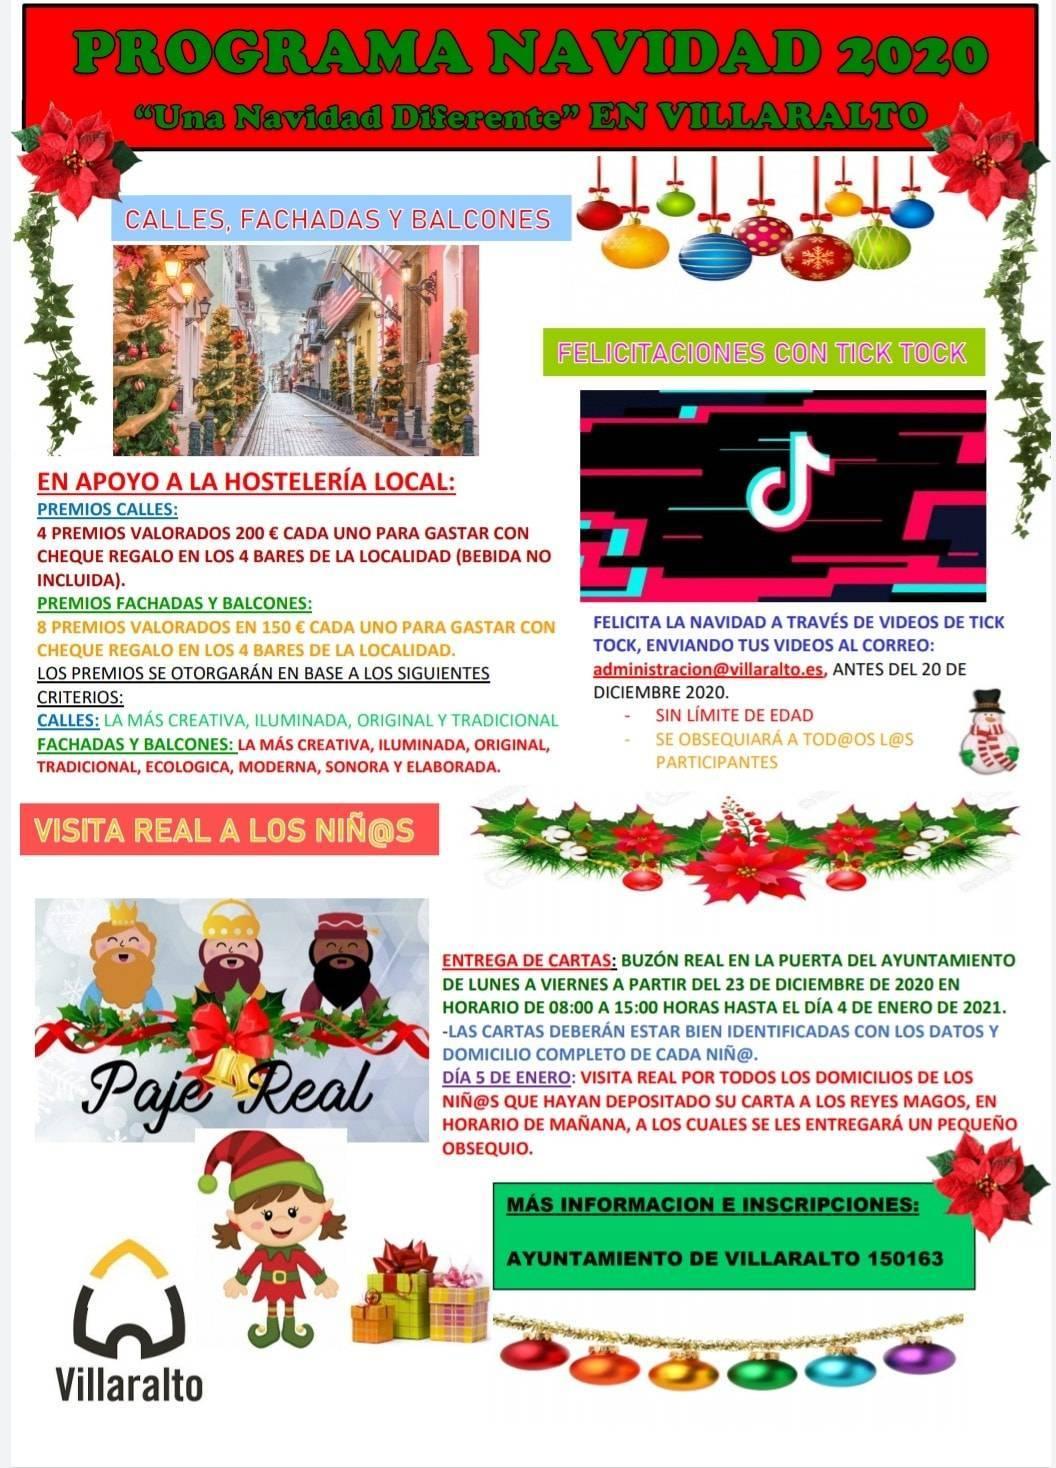 Programa de Navidad (2020-2021) - Villaralto (Córdoba)